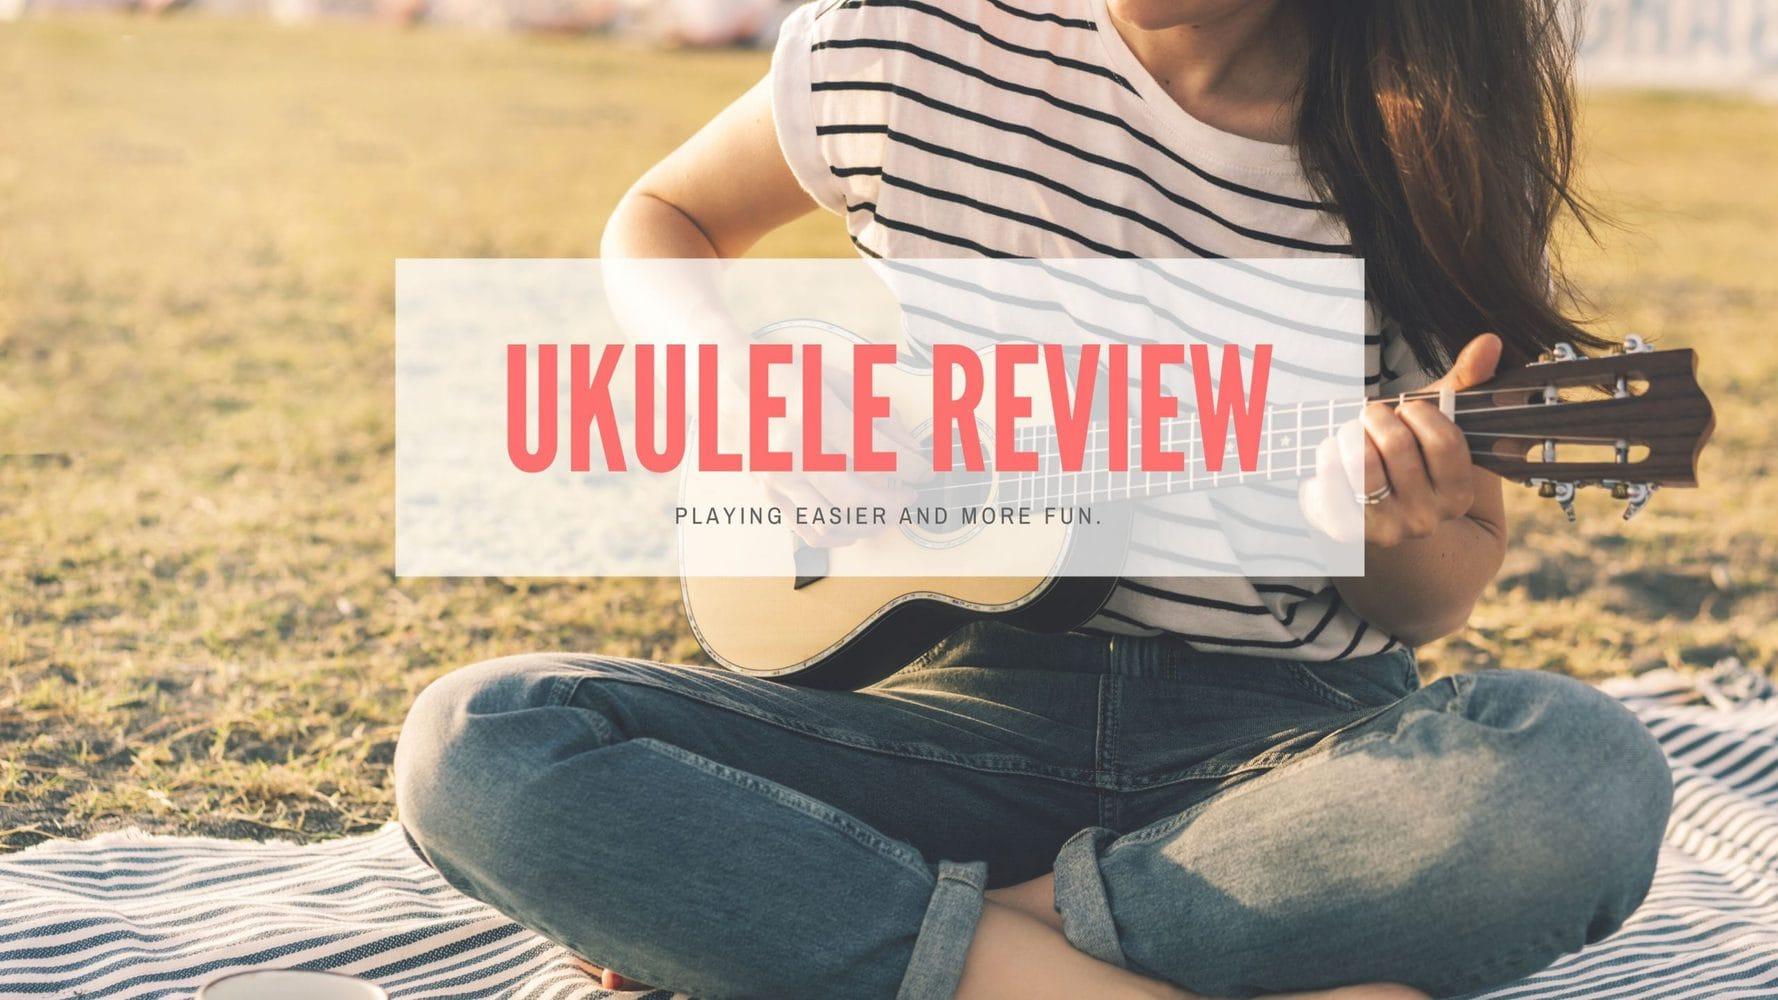 best ukulele review